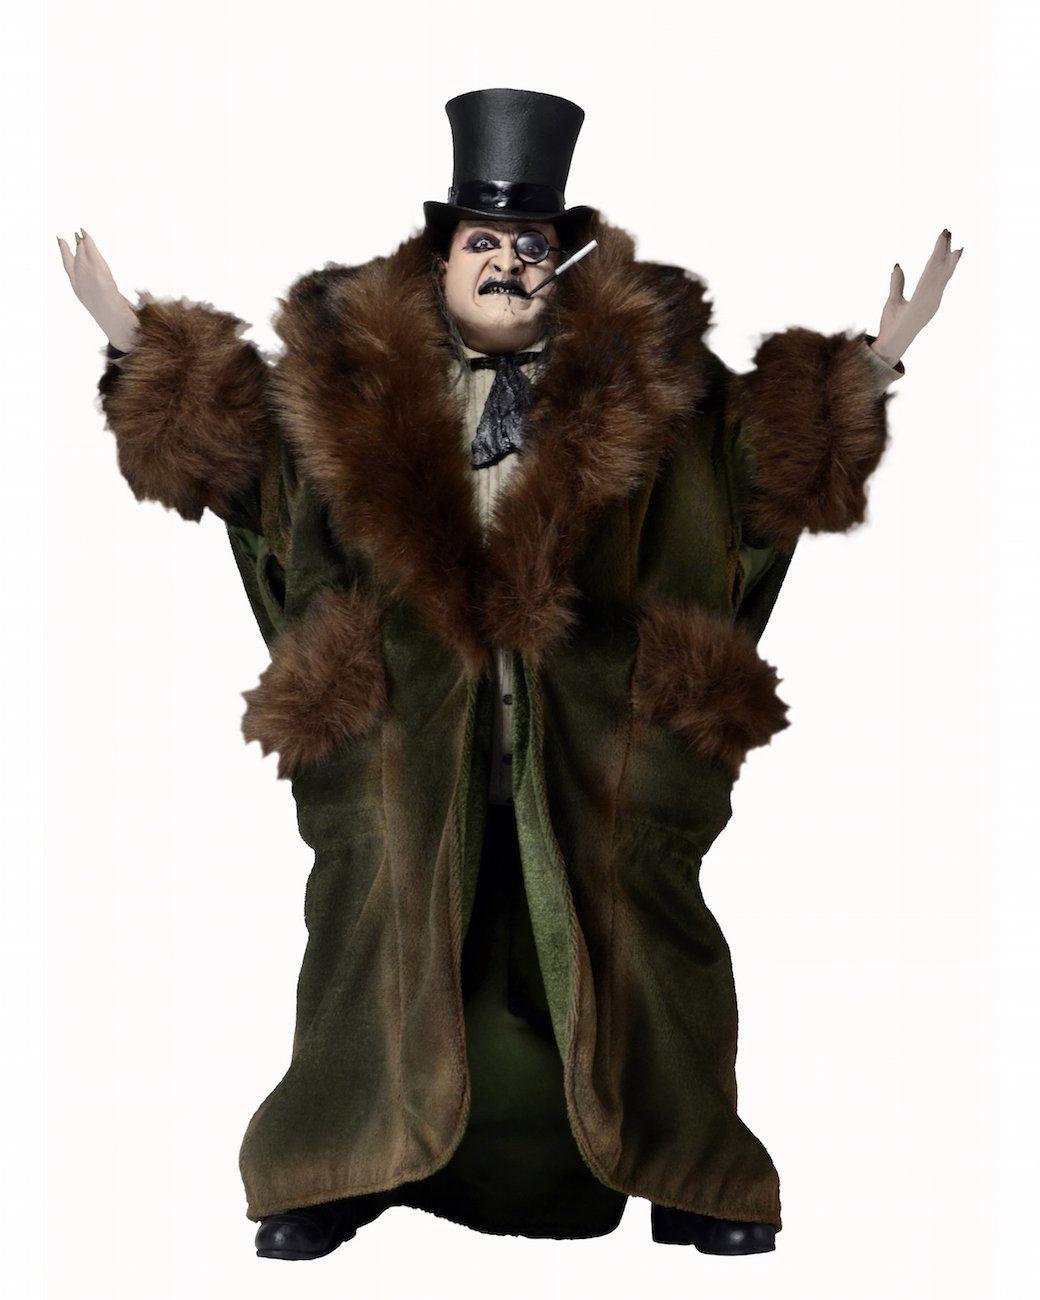 Boneco Pinguim (Penguin) (Danny DeVito): Batman O Retorno Escala 1/4 - NECA (Apenas Venda Online)